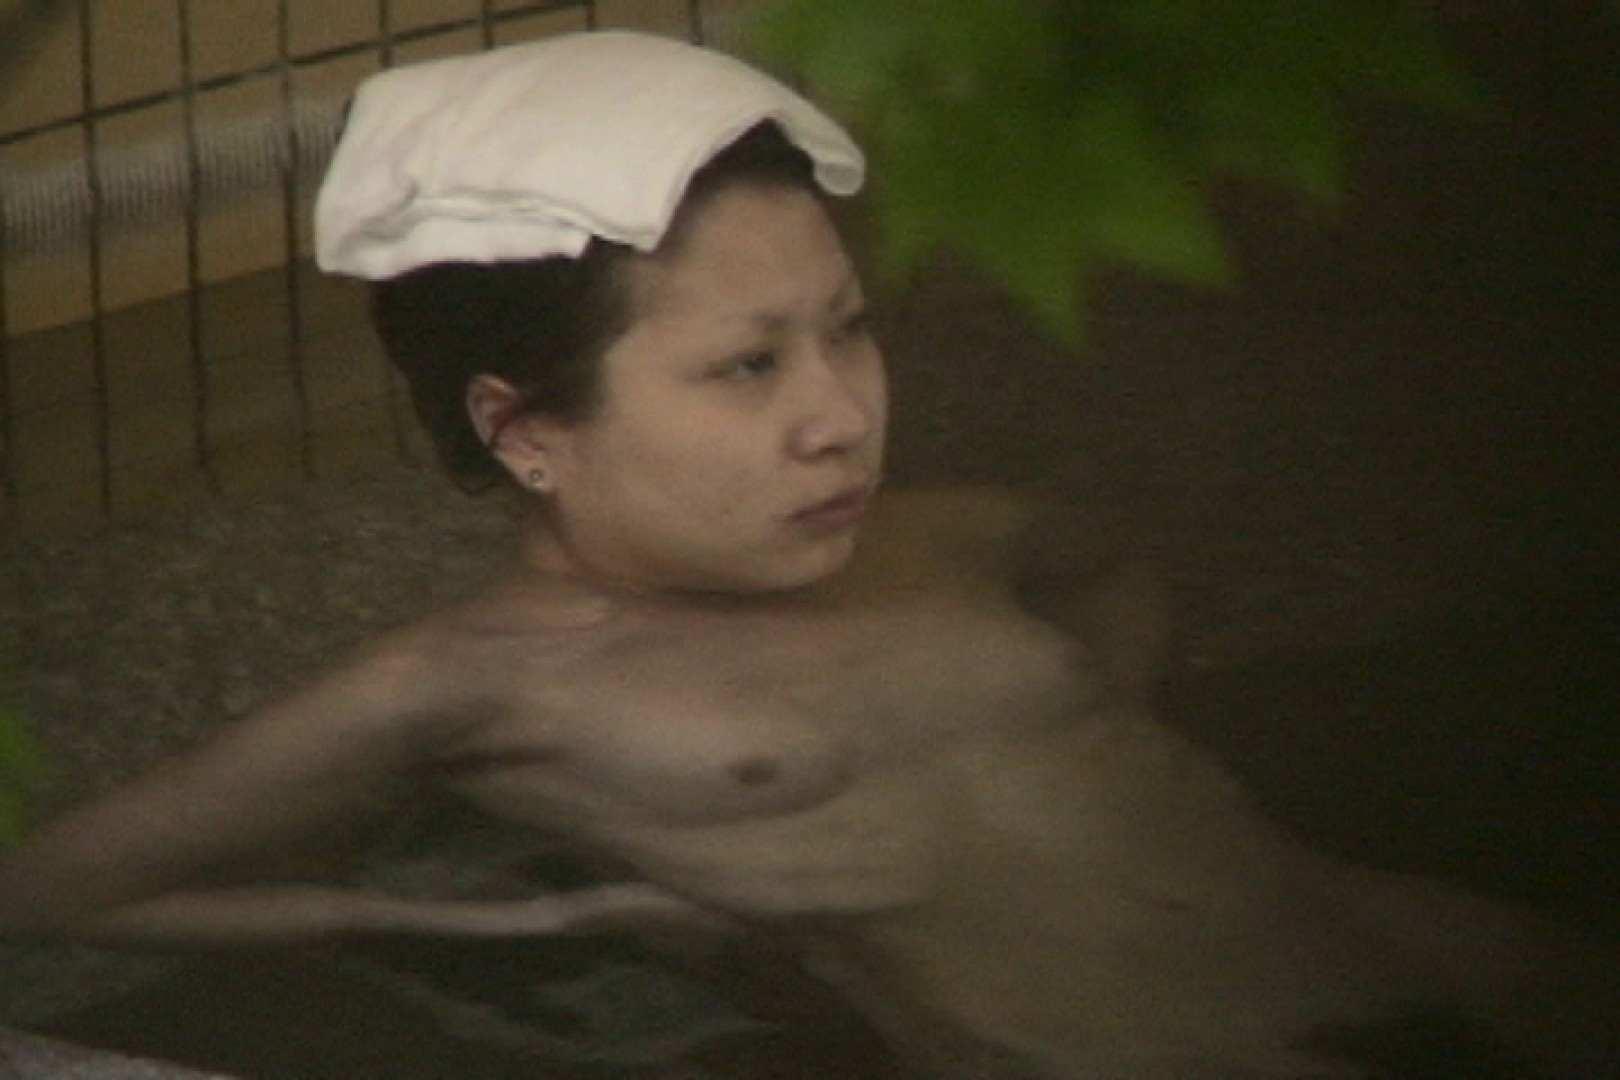 Aquaな露天風呂Vol.711 OLエロ画像 | 露天  81PICs 4